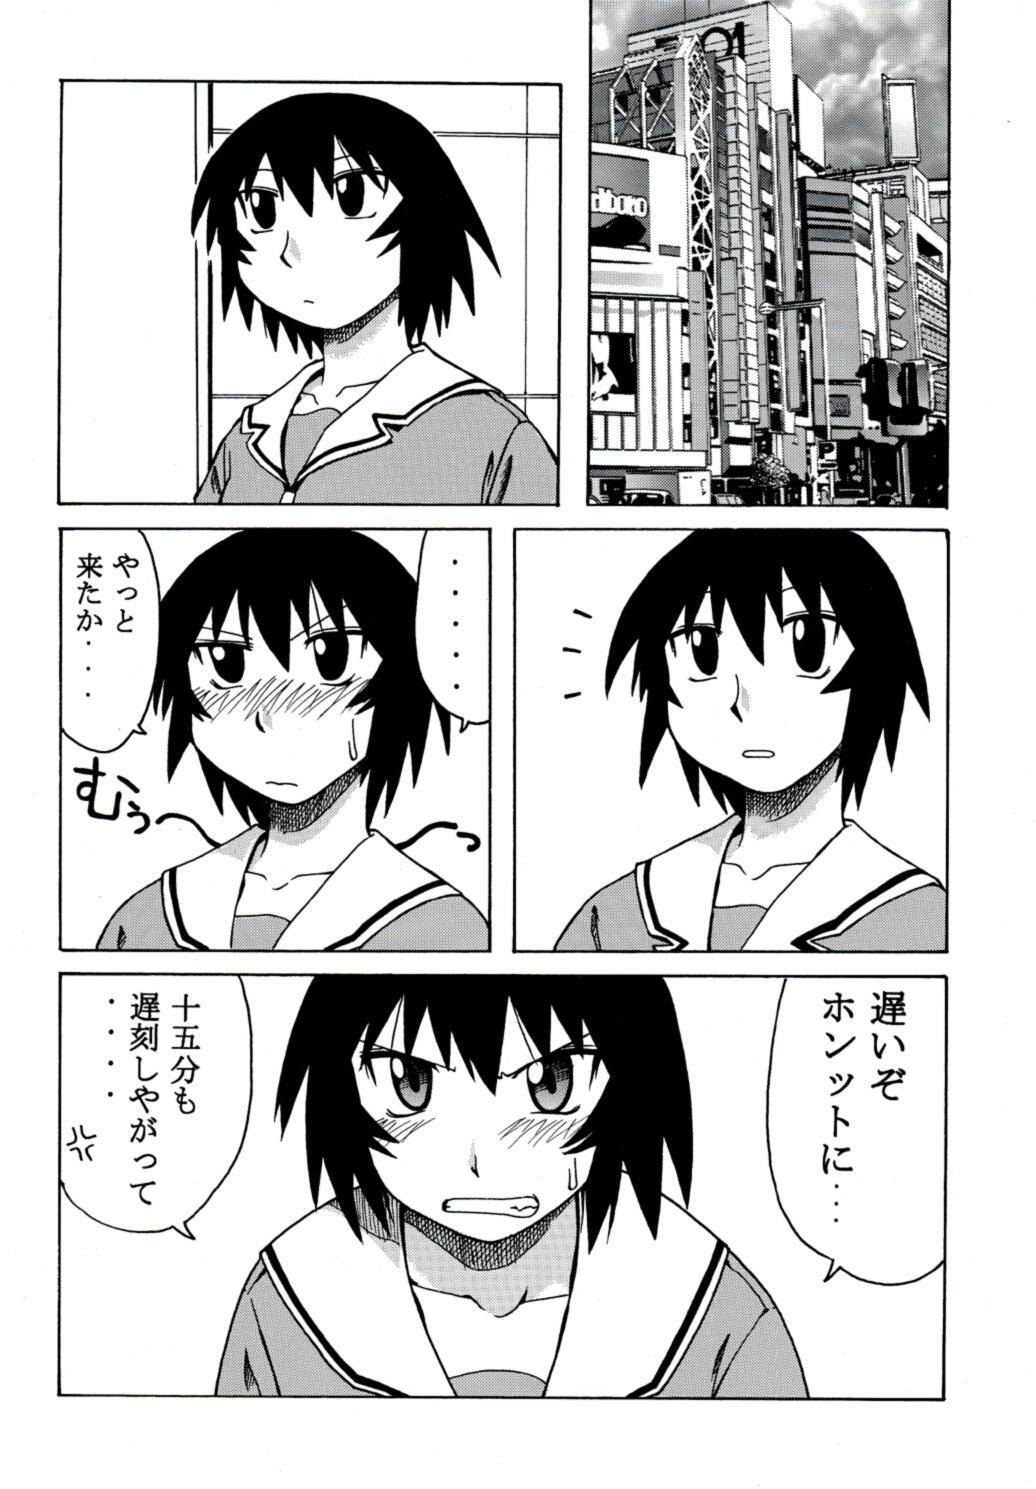 Kagura Mania 4